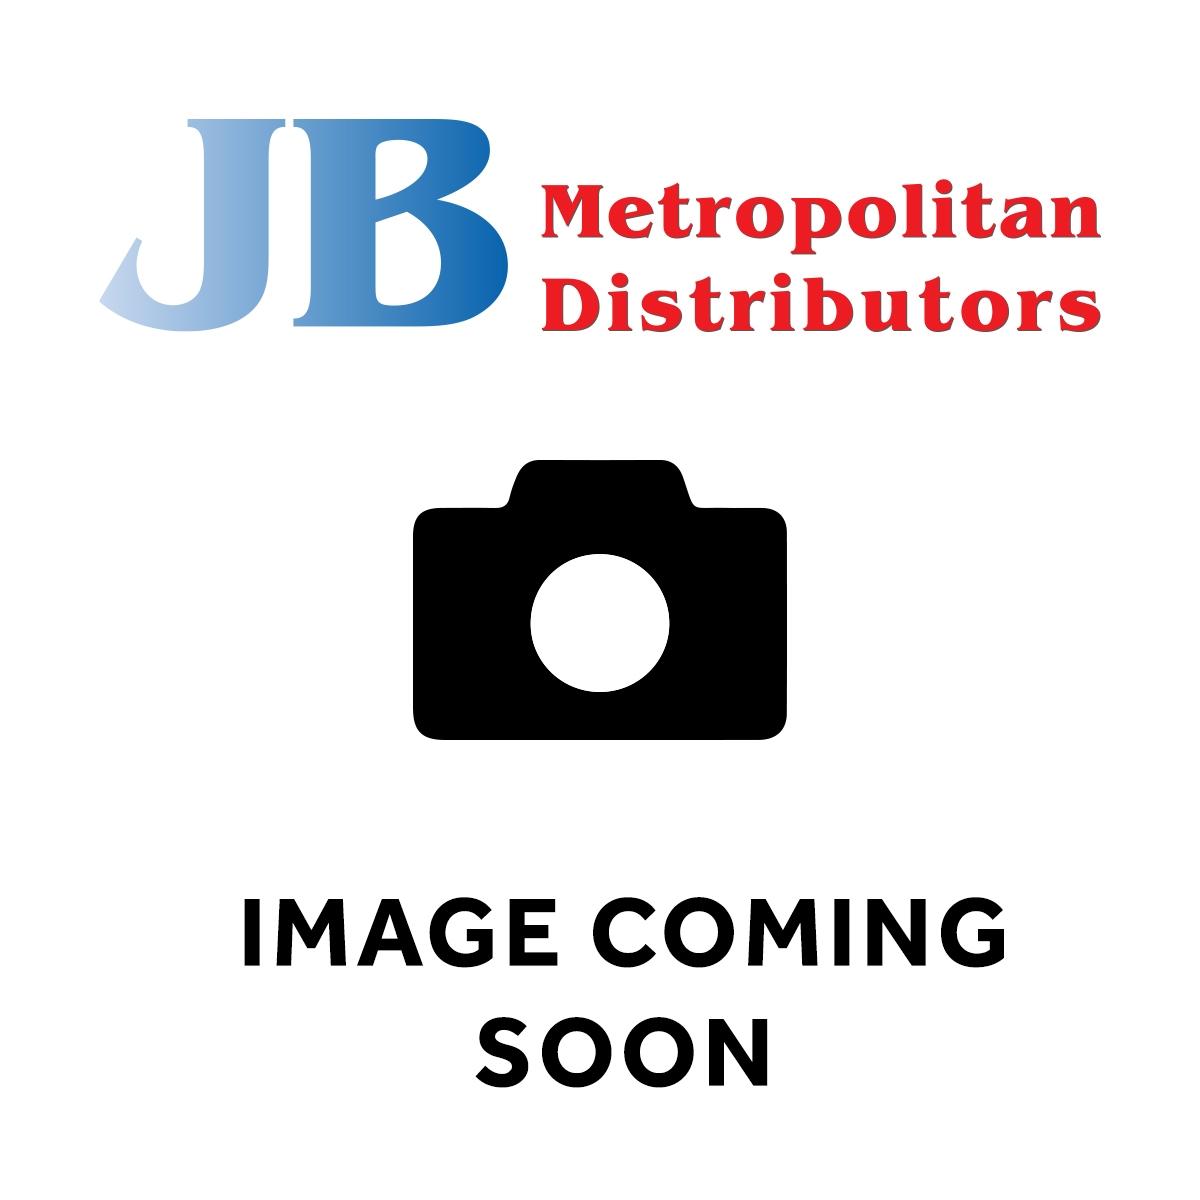 180G CADBURY PICNIC BLOCK